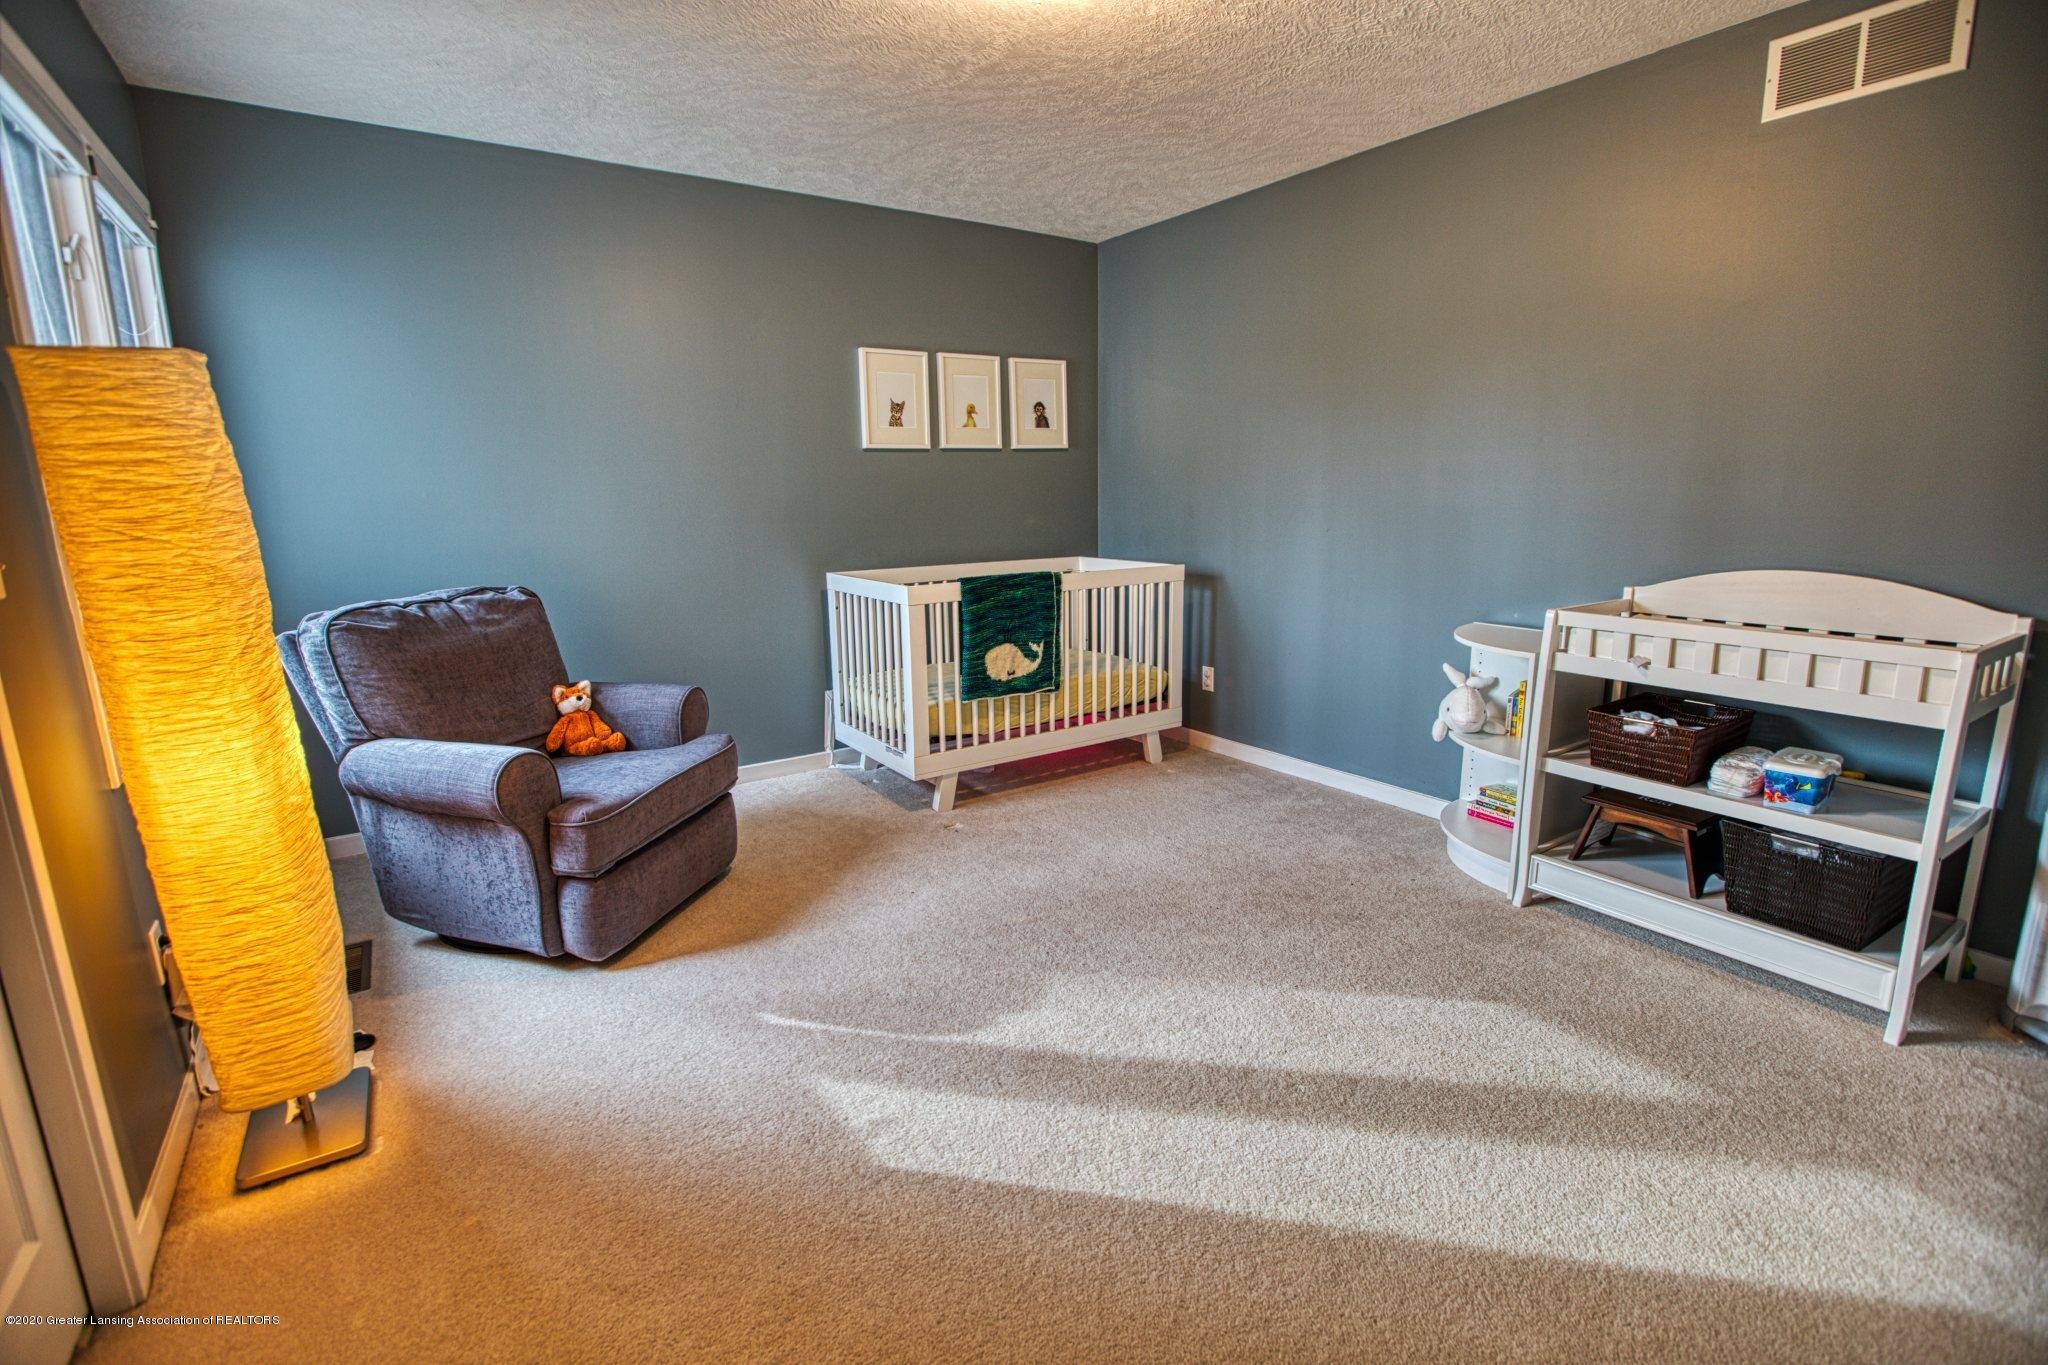 3668 Fairhills Dr - Bedroom 2 - 16